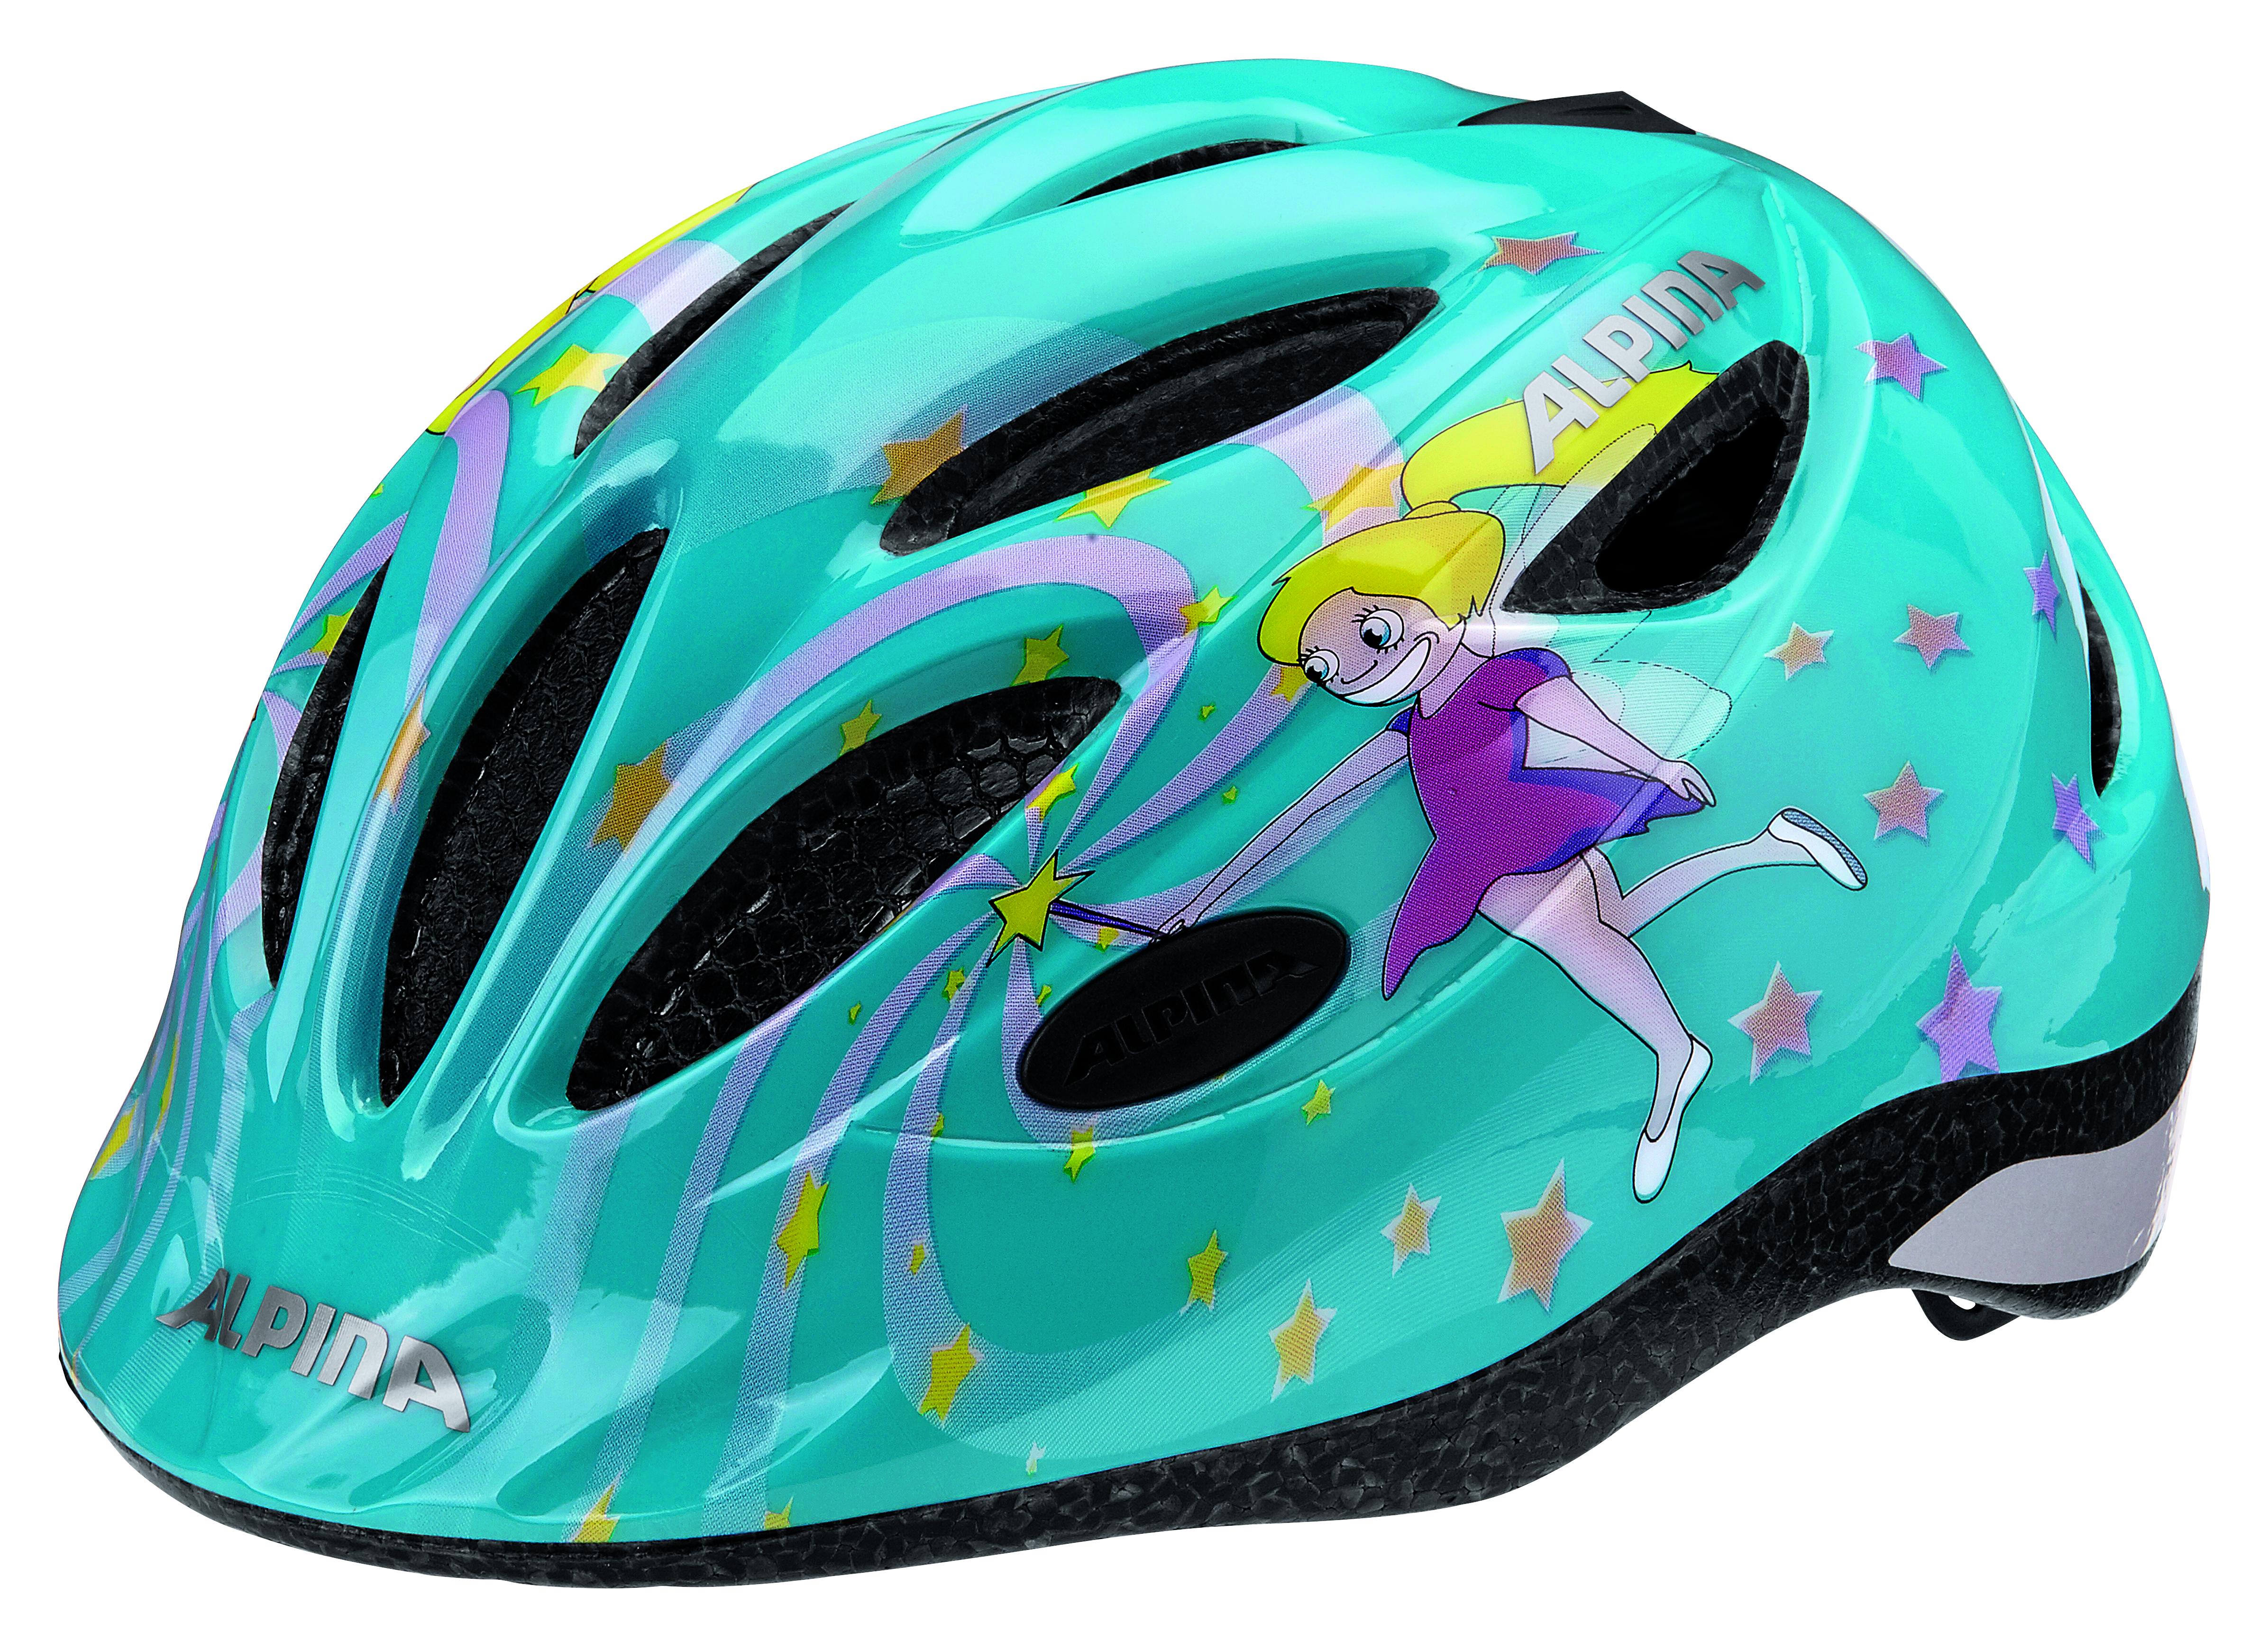 Велошлем Alpina 2018 Gamma 2.0 Ice Princess